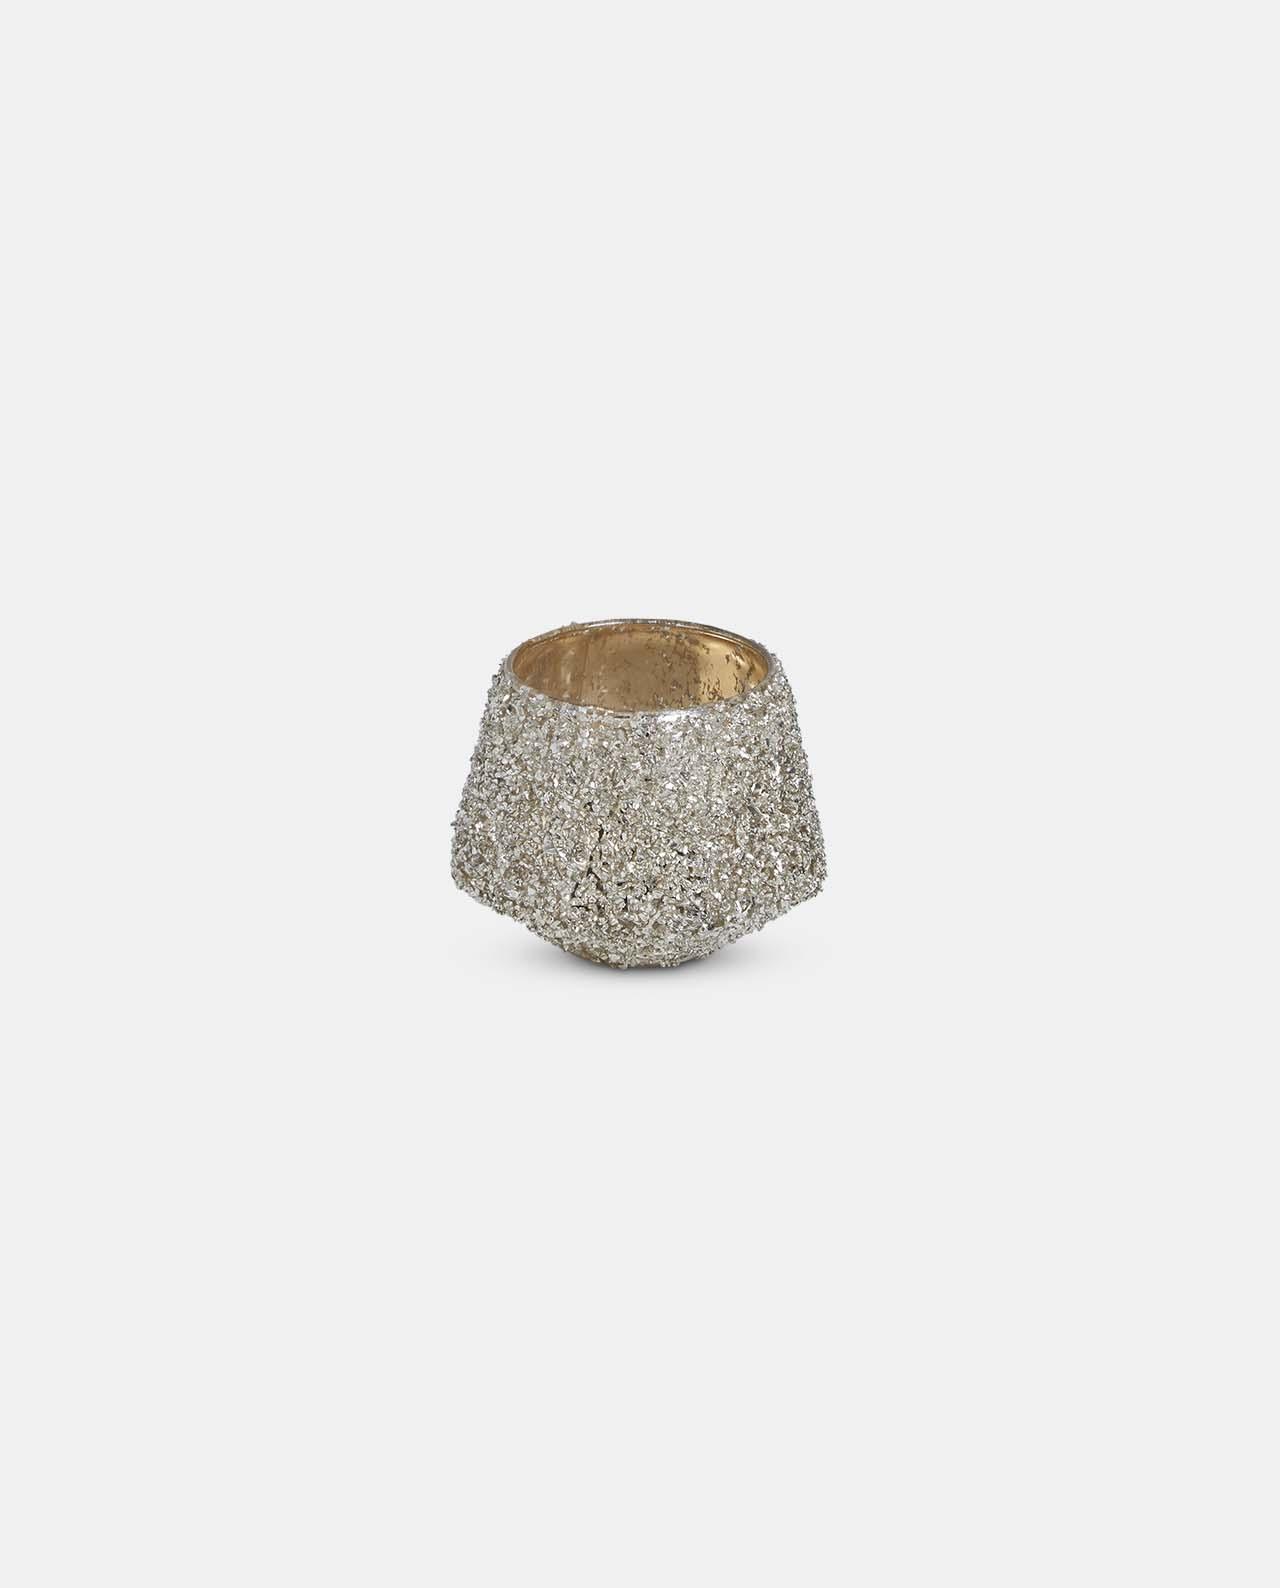 Gold Glitter Tea Light Holder Small